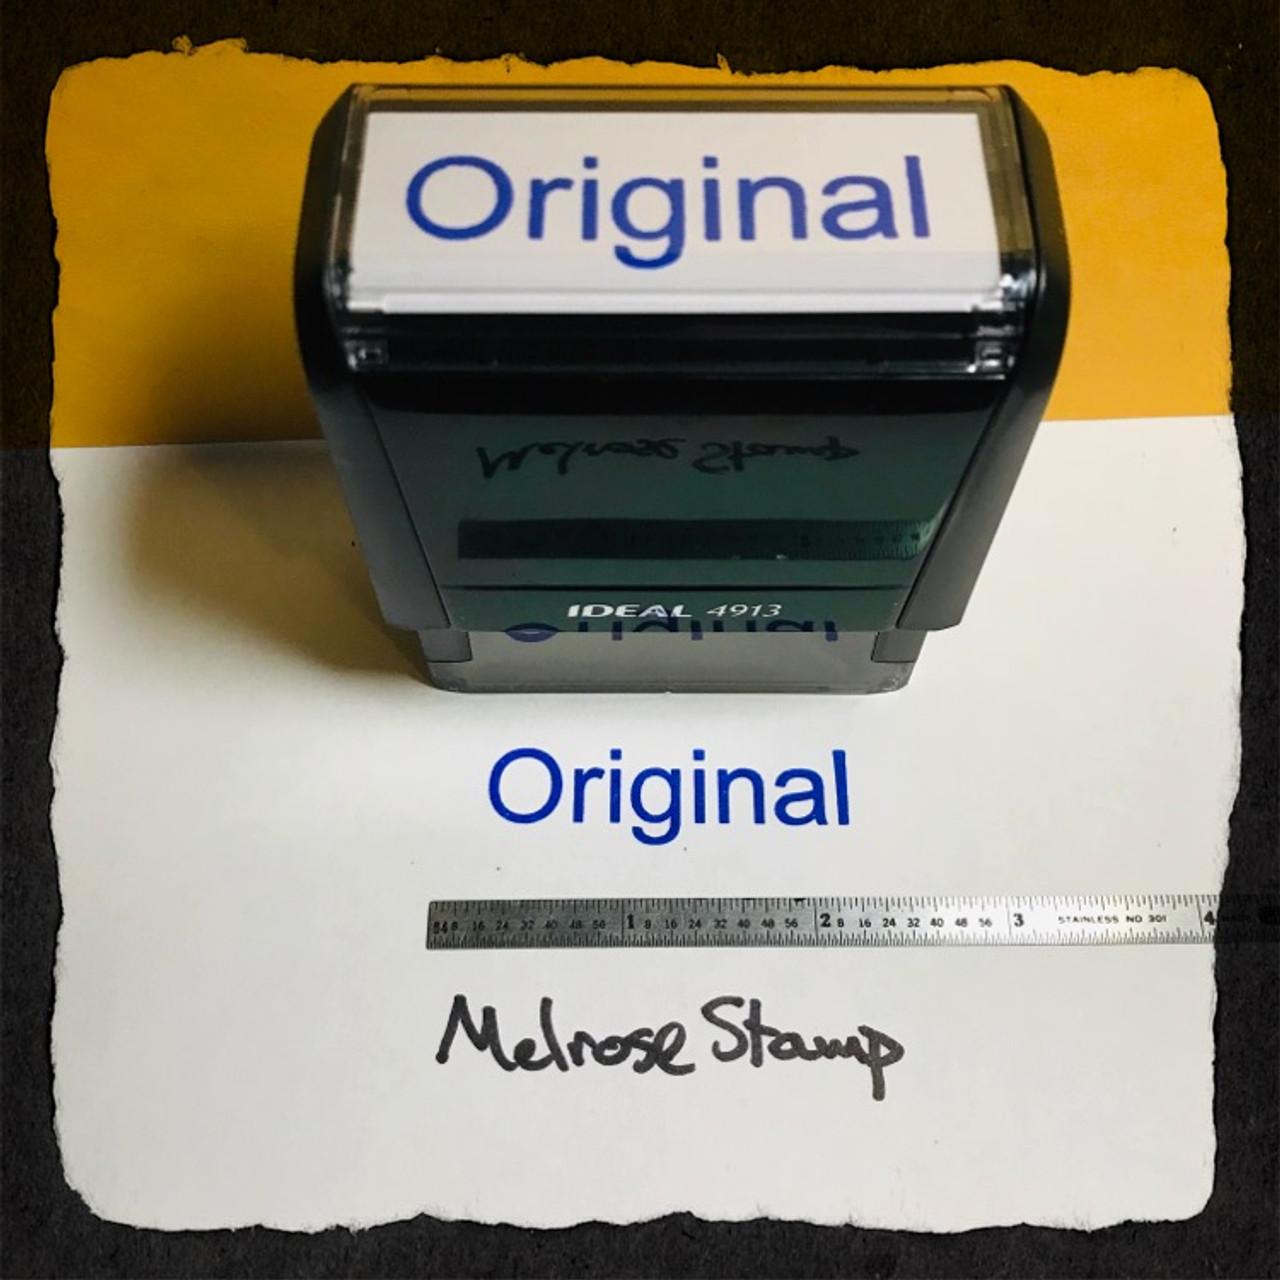 Original Stamp Blue Ink Large